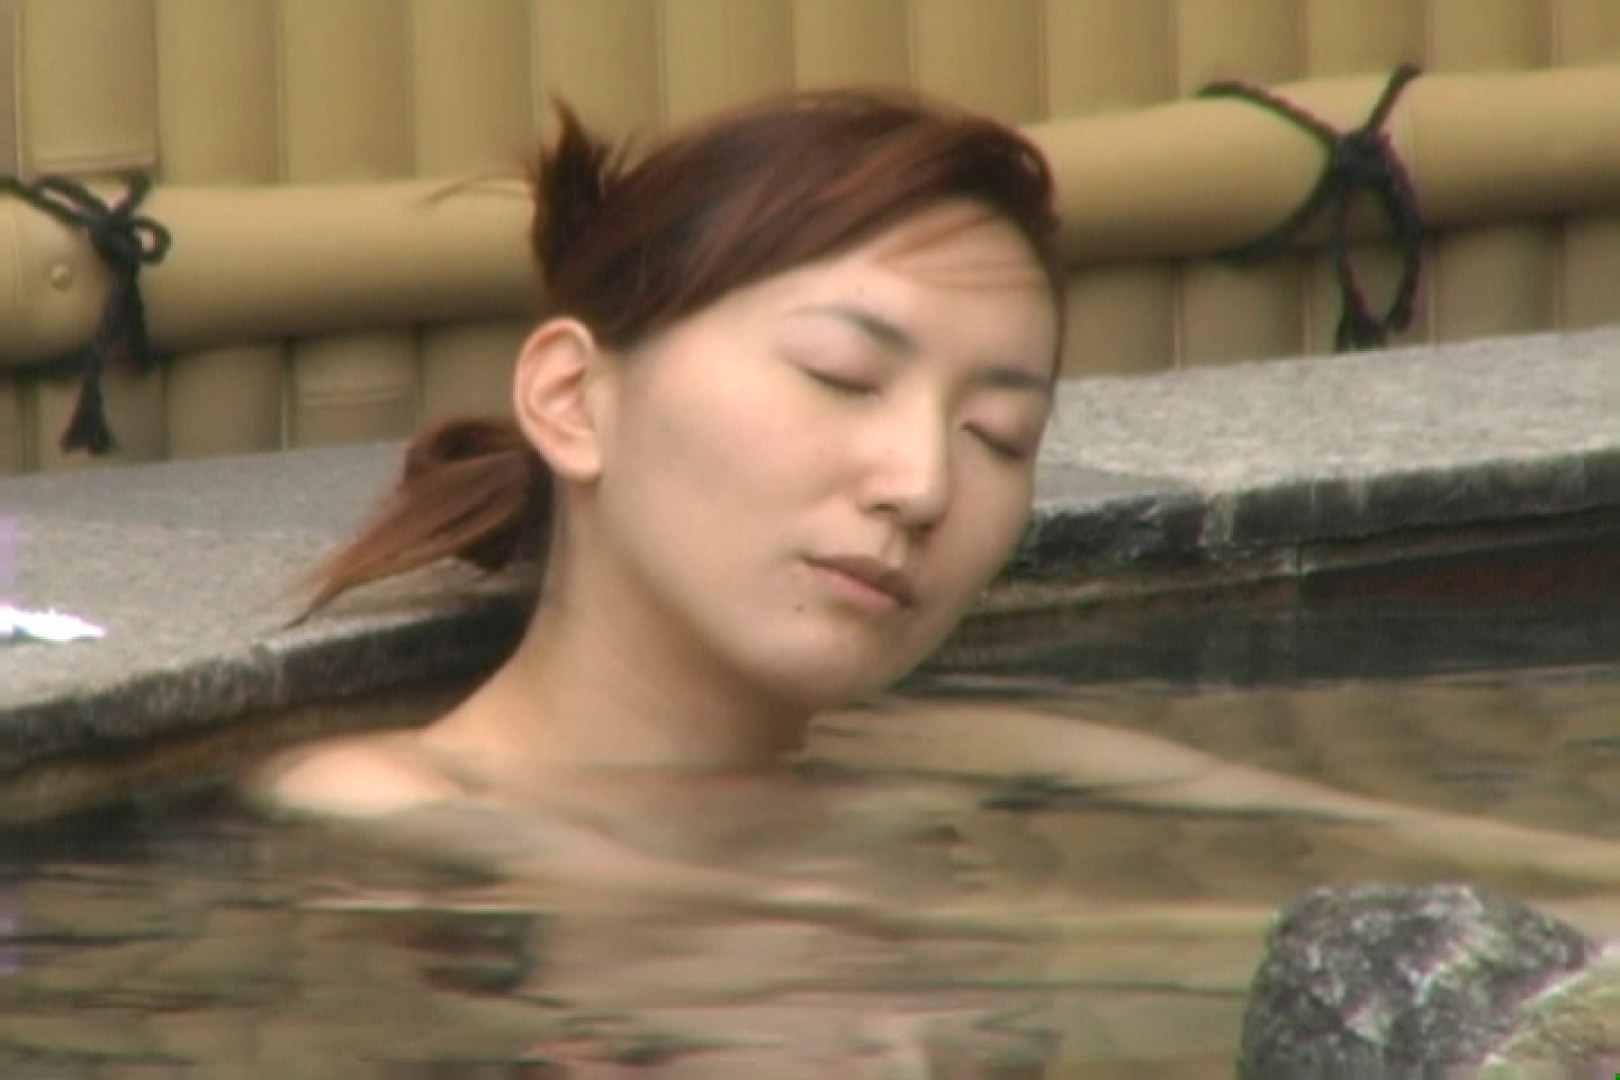 Aquaな露天風呂Vol.616 盗撮 性交動画流出 99画像 41